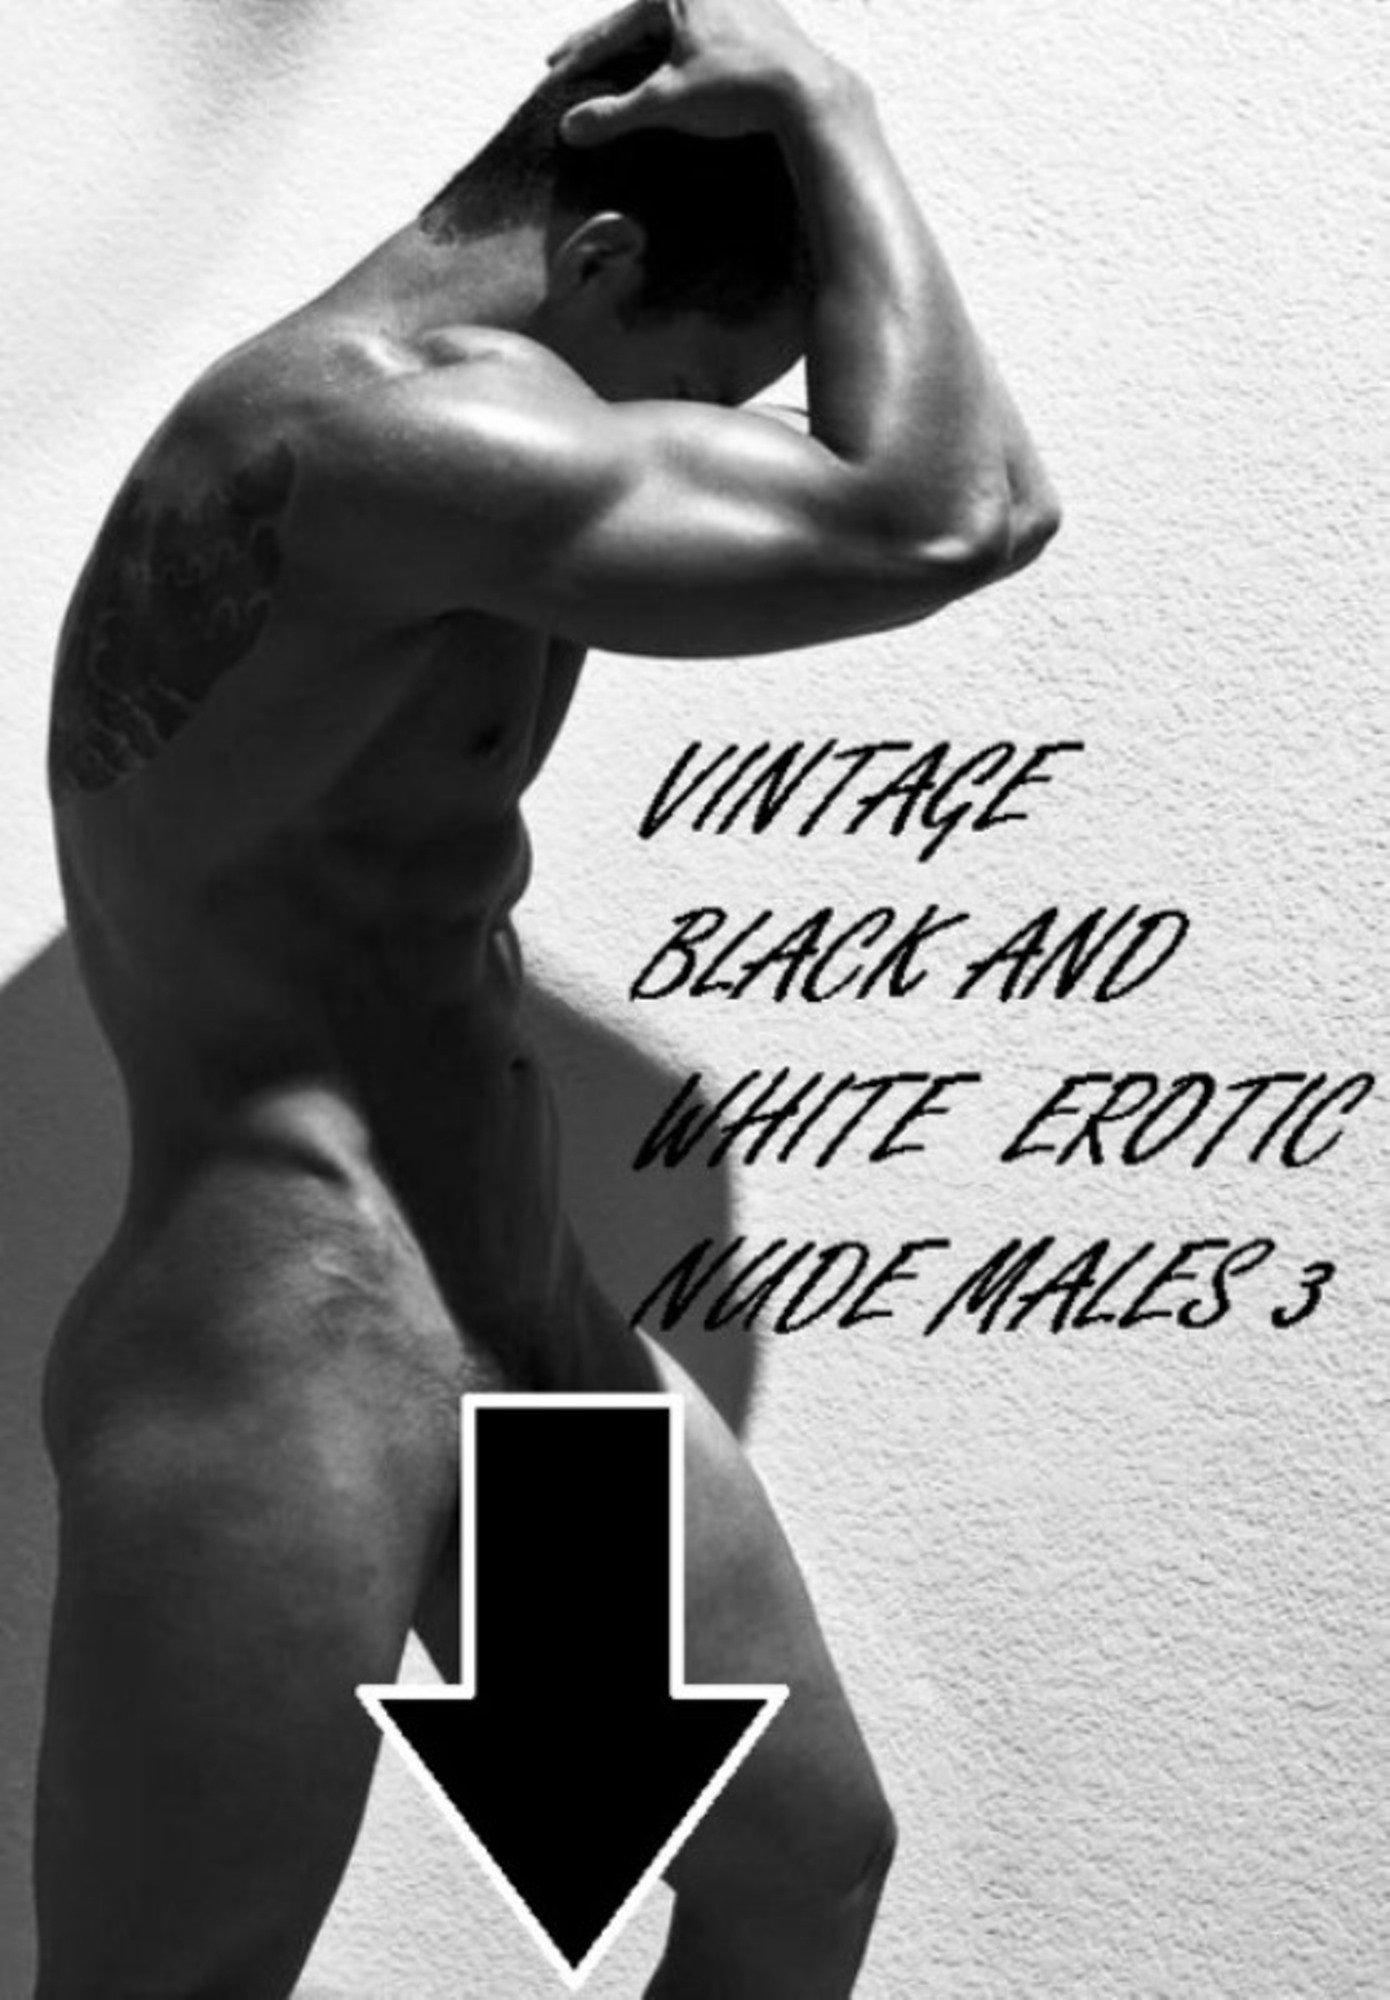 mag-vintage-schwarze-erotik-schwangere-frauen-nackt